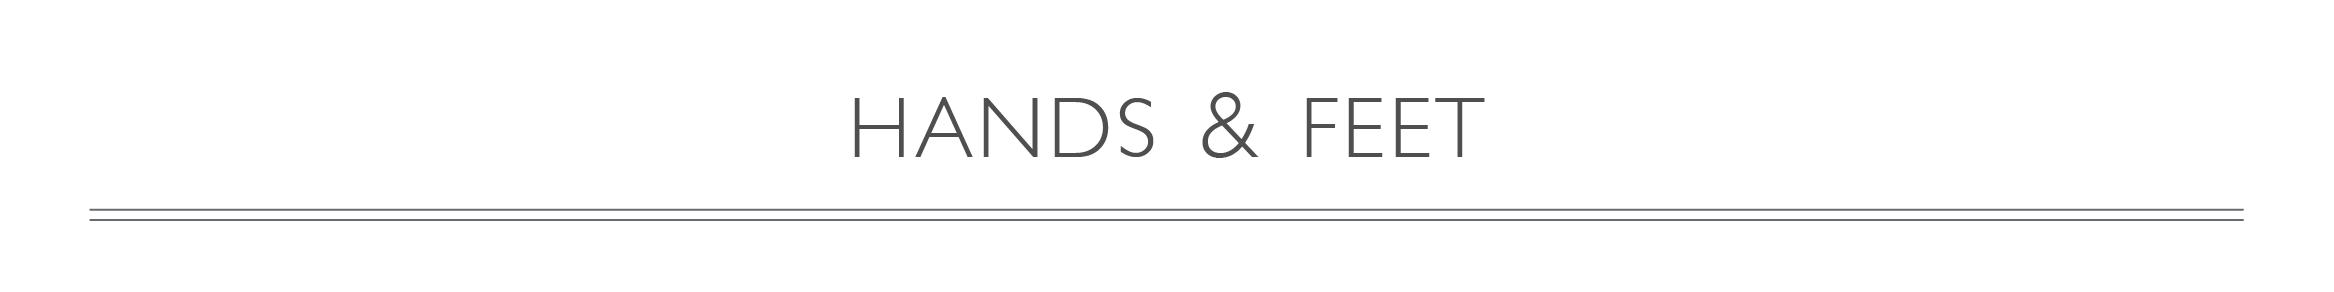 spa_vs_banner_handsfeet.png